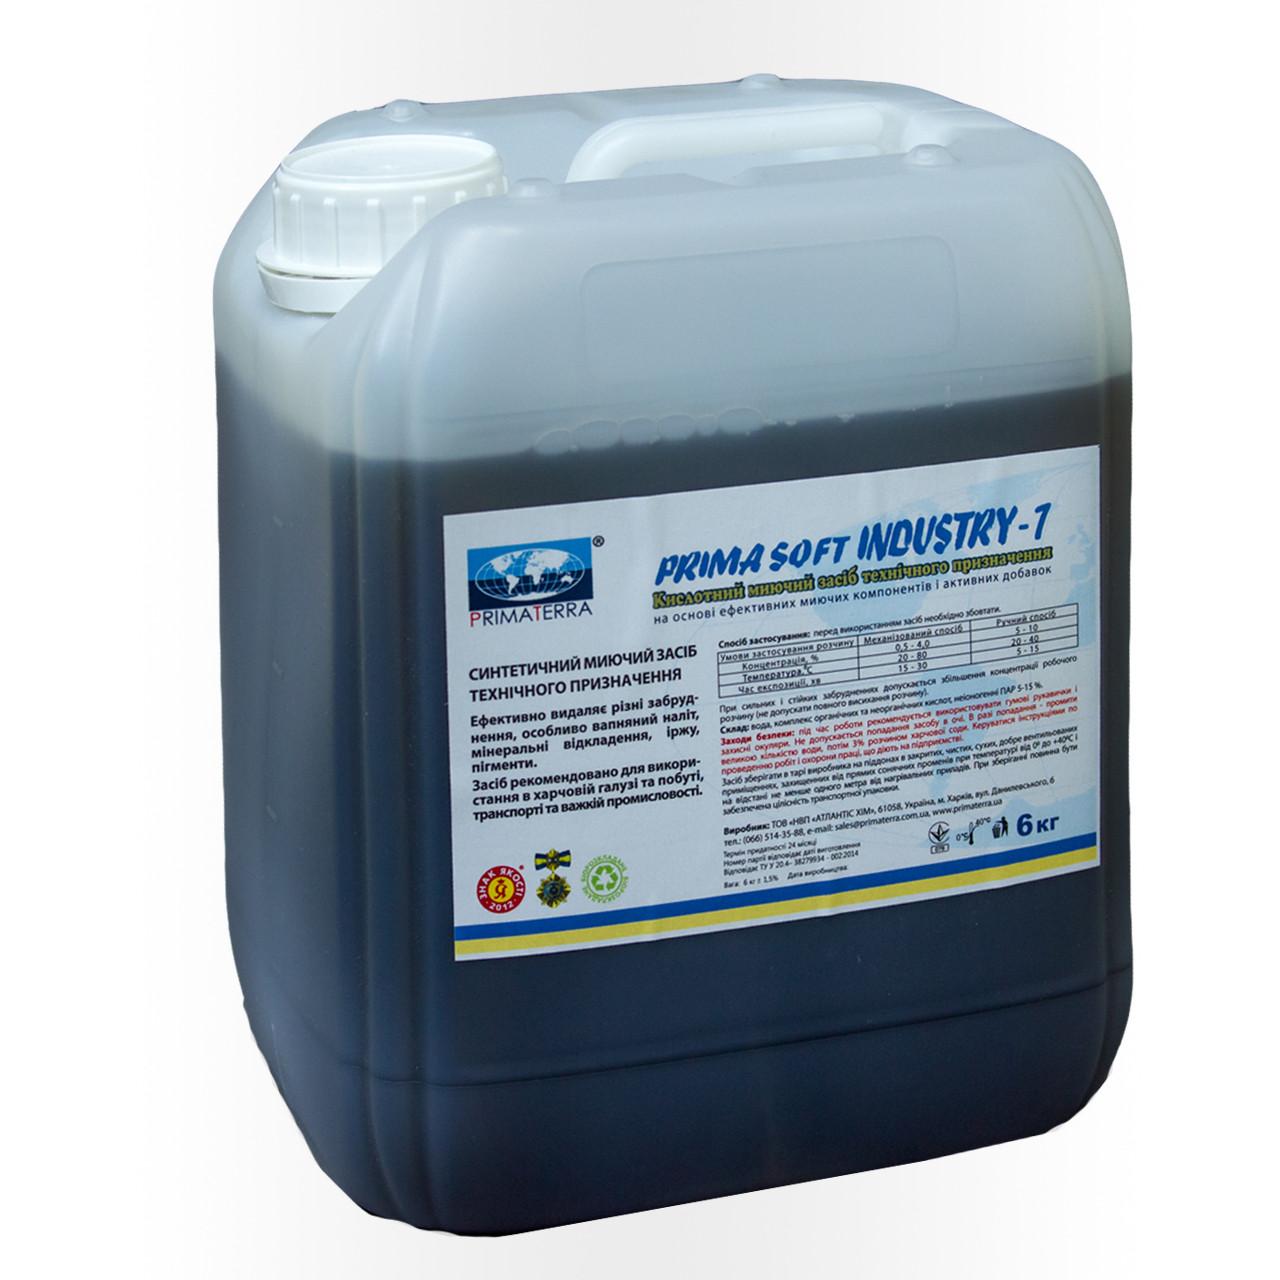 Для удаления минеральных отложений, ржавчины, накипи Industry-1 (6кг)